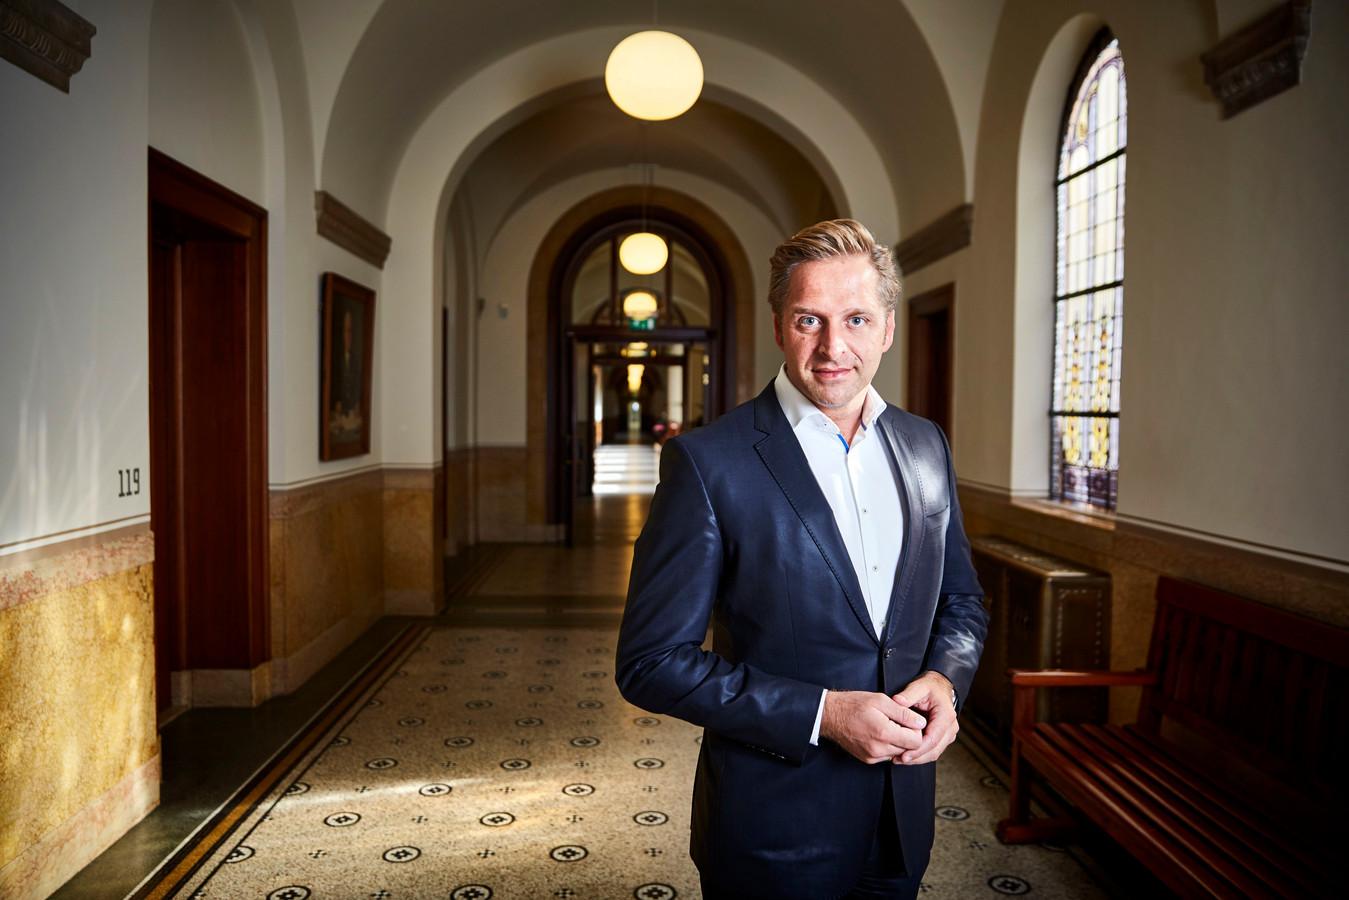 Hugo de Jonge als wethouder van onderwijs, jeugd en zorg in 2016.